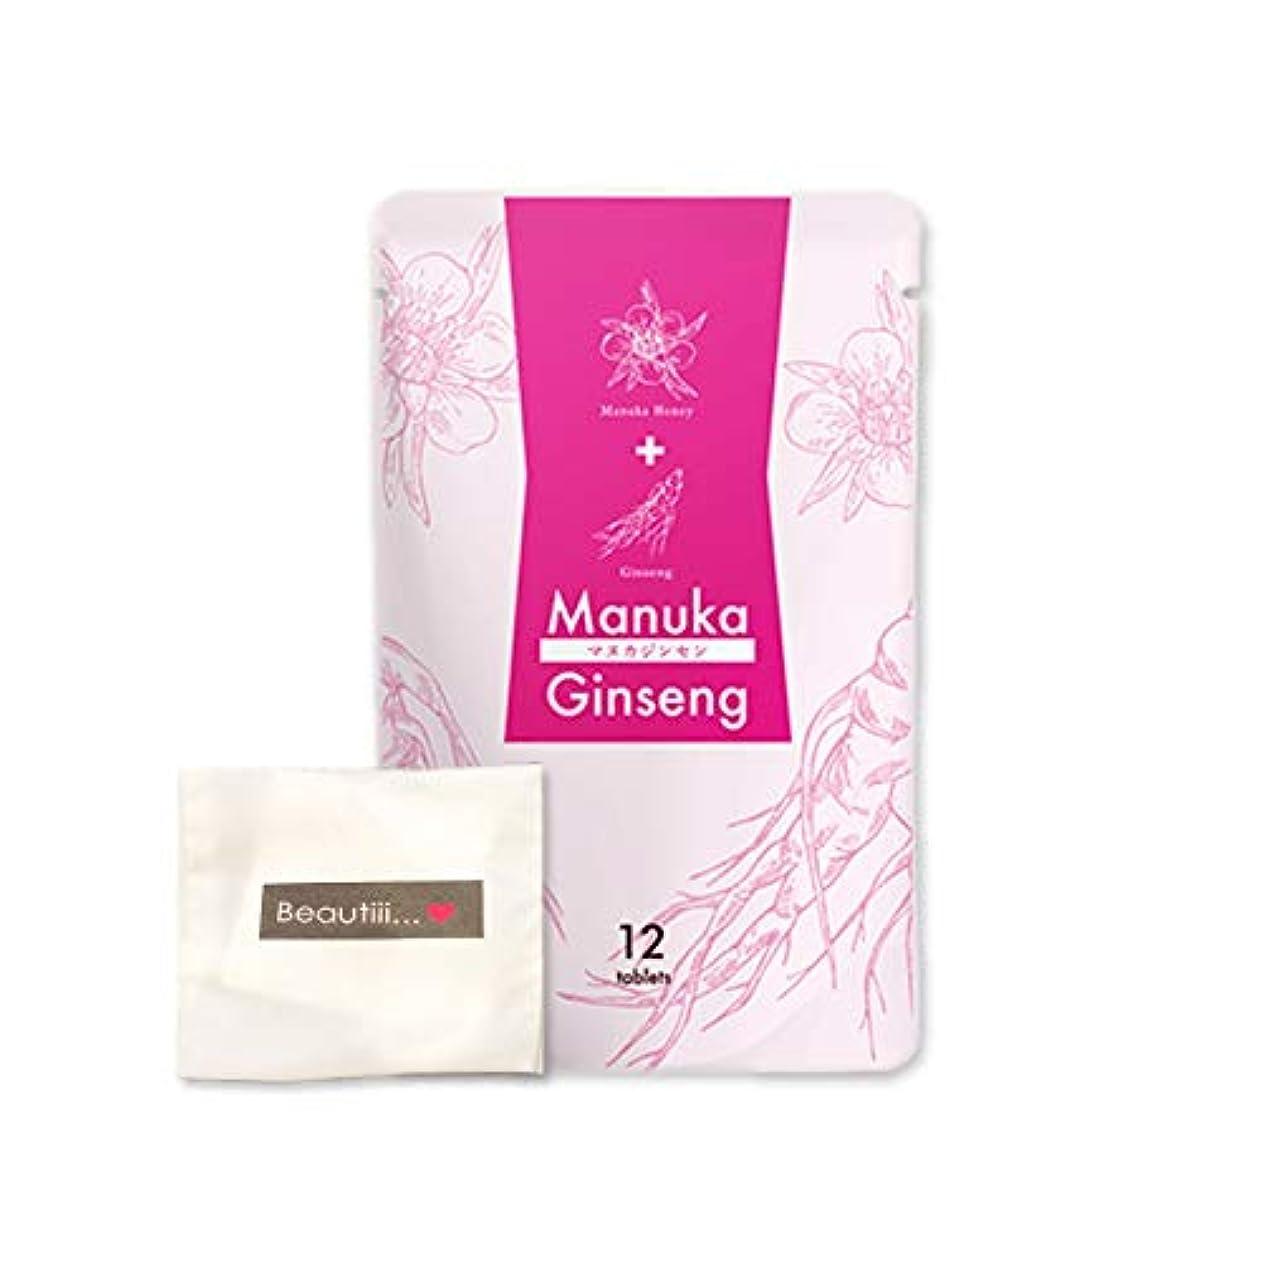 構造的八何もないマヌカジンセン Manuka Ginseng (1袋6日分)【Beautiiiギフトセット付属】食生活サポートサプリメント